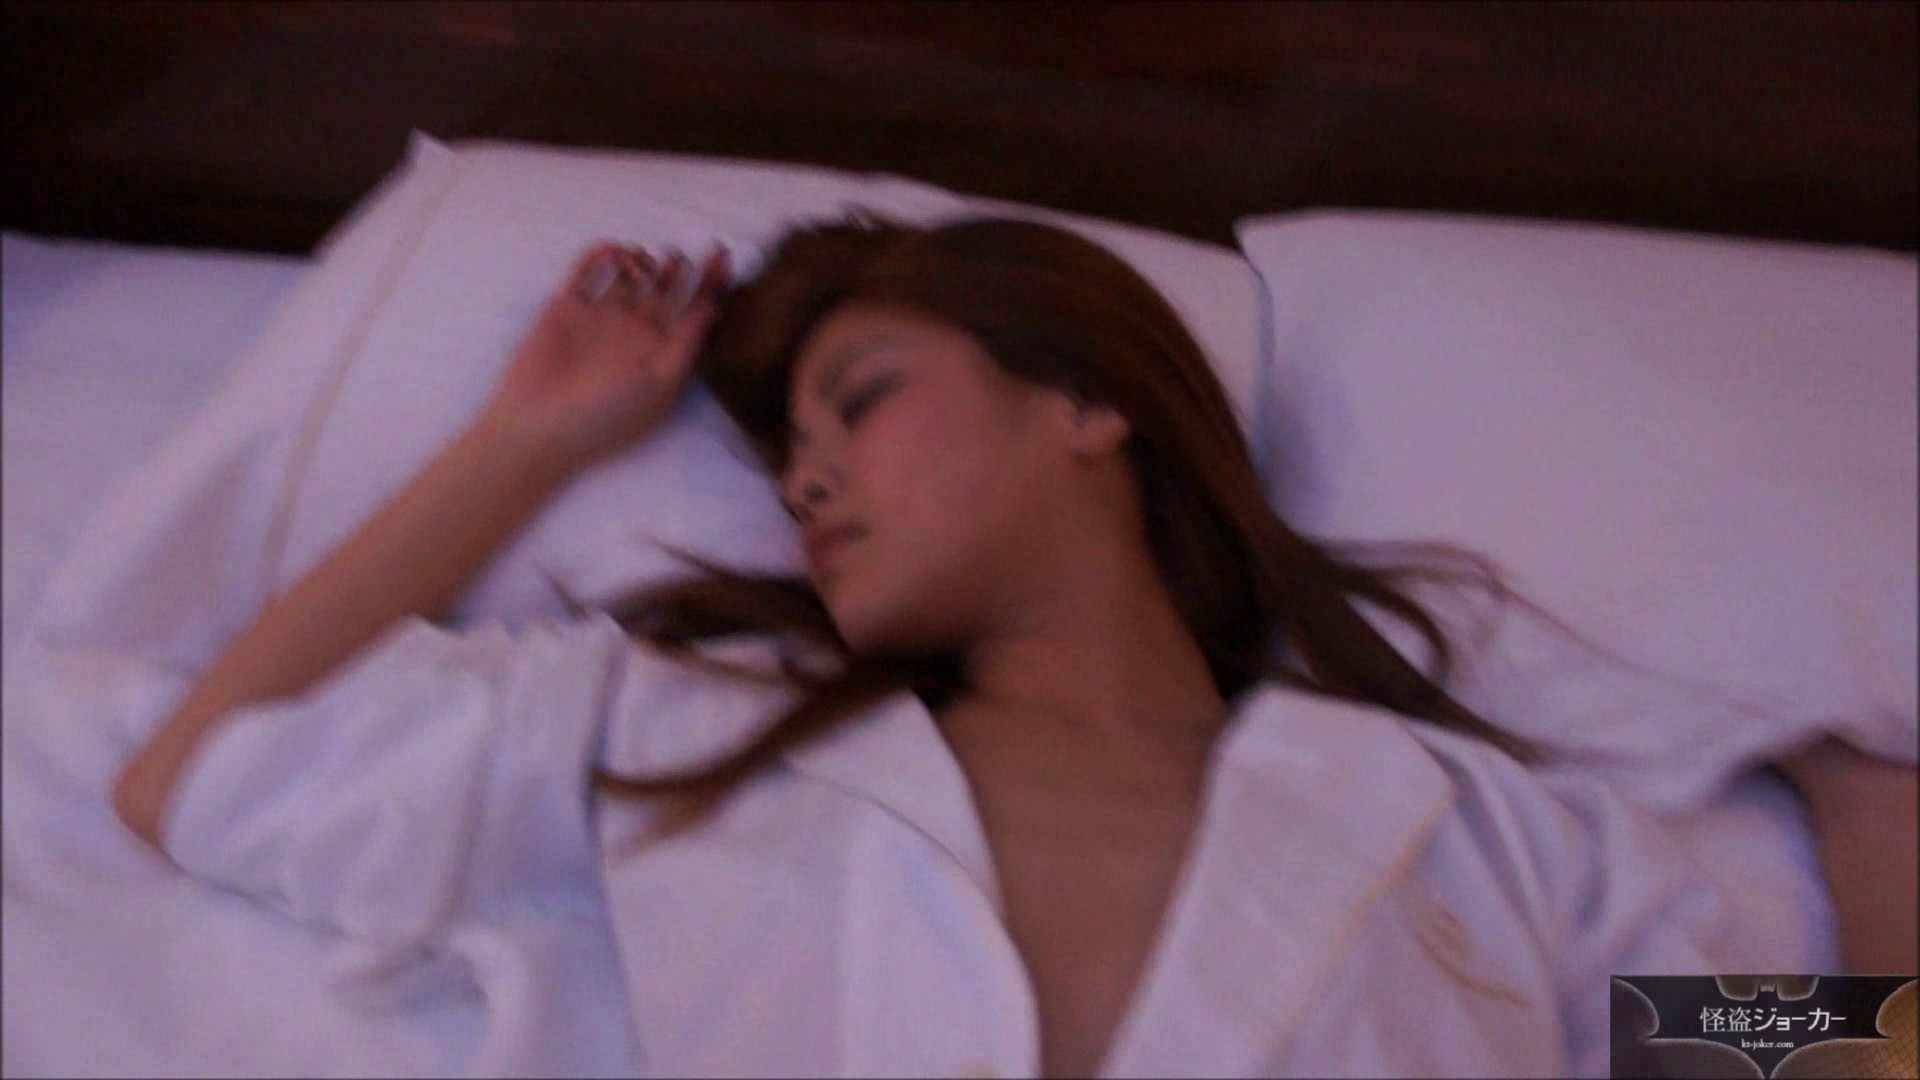 【未公開】vol.13 セレブ美魔女・ユキさんと初めて会った日。 OL  99pic 98